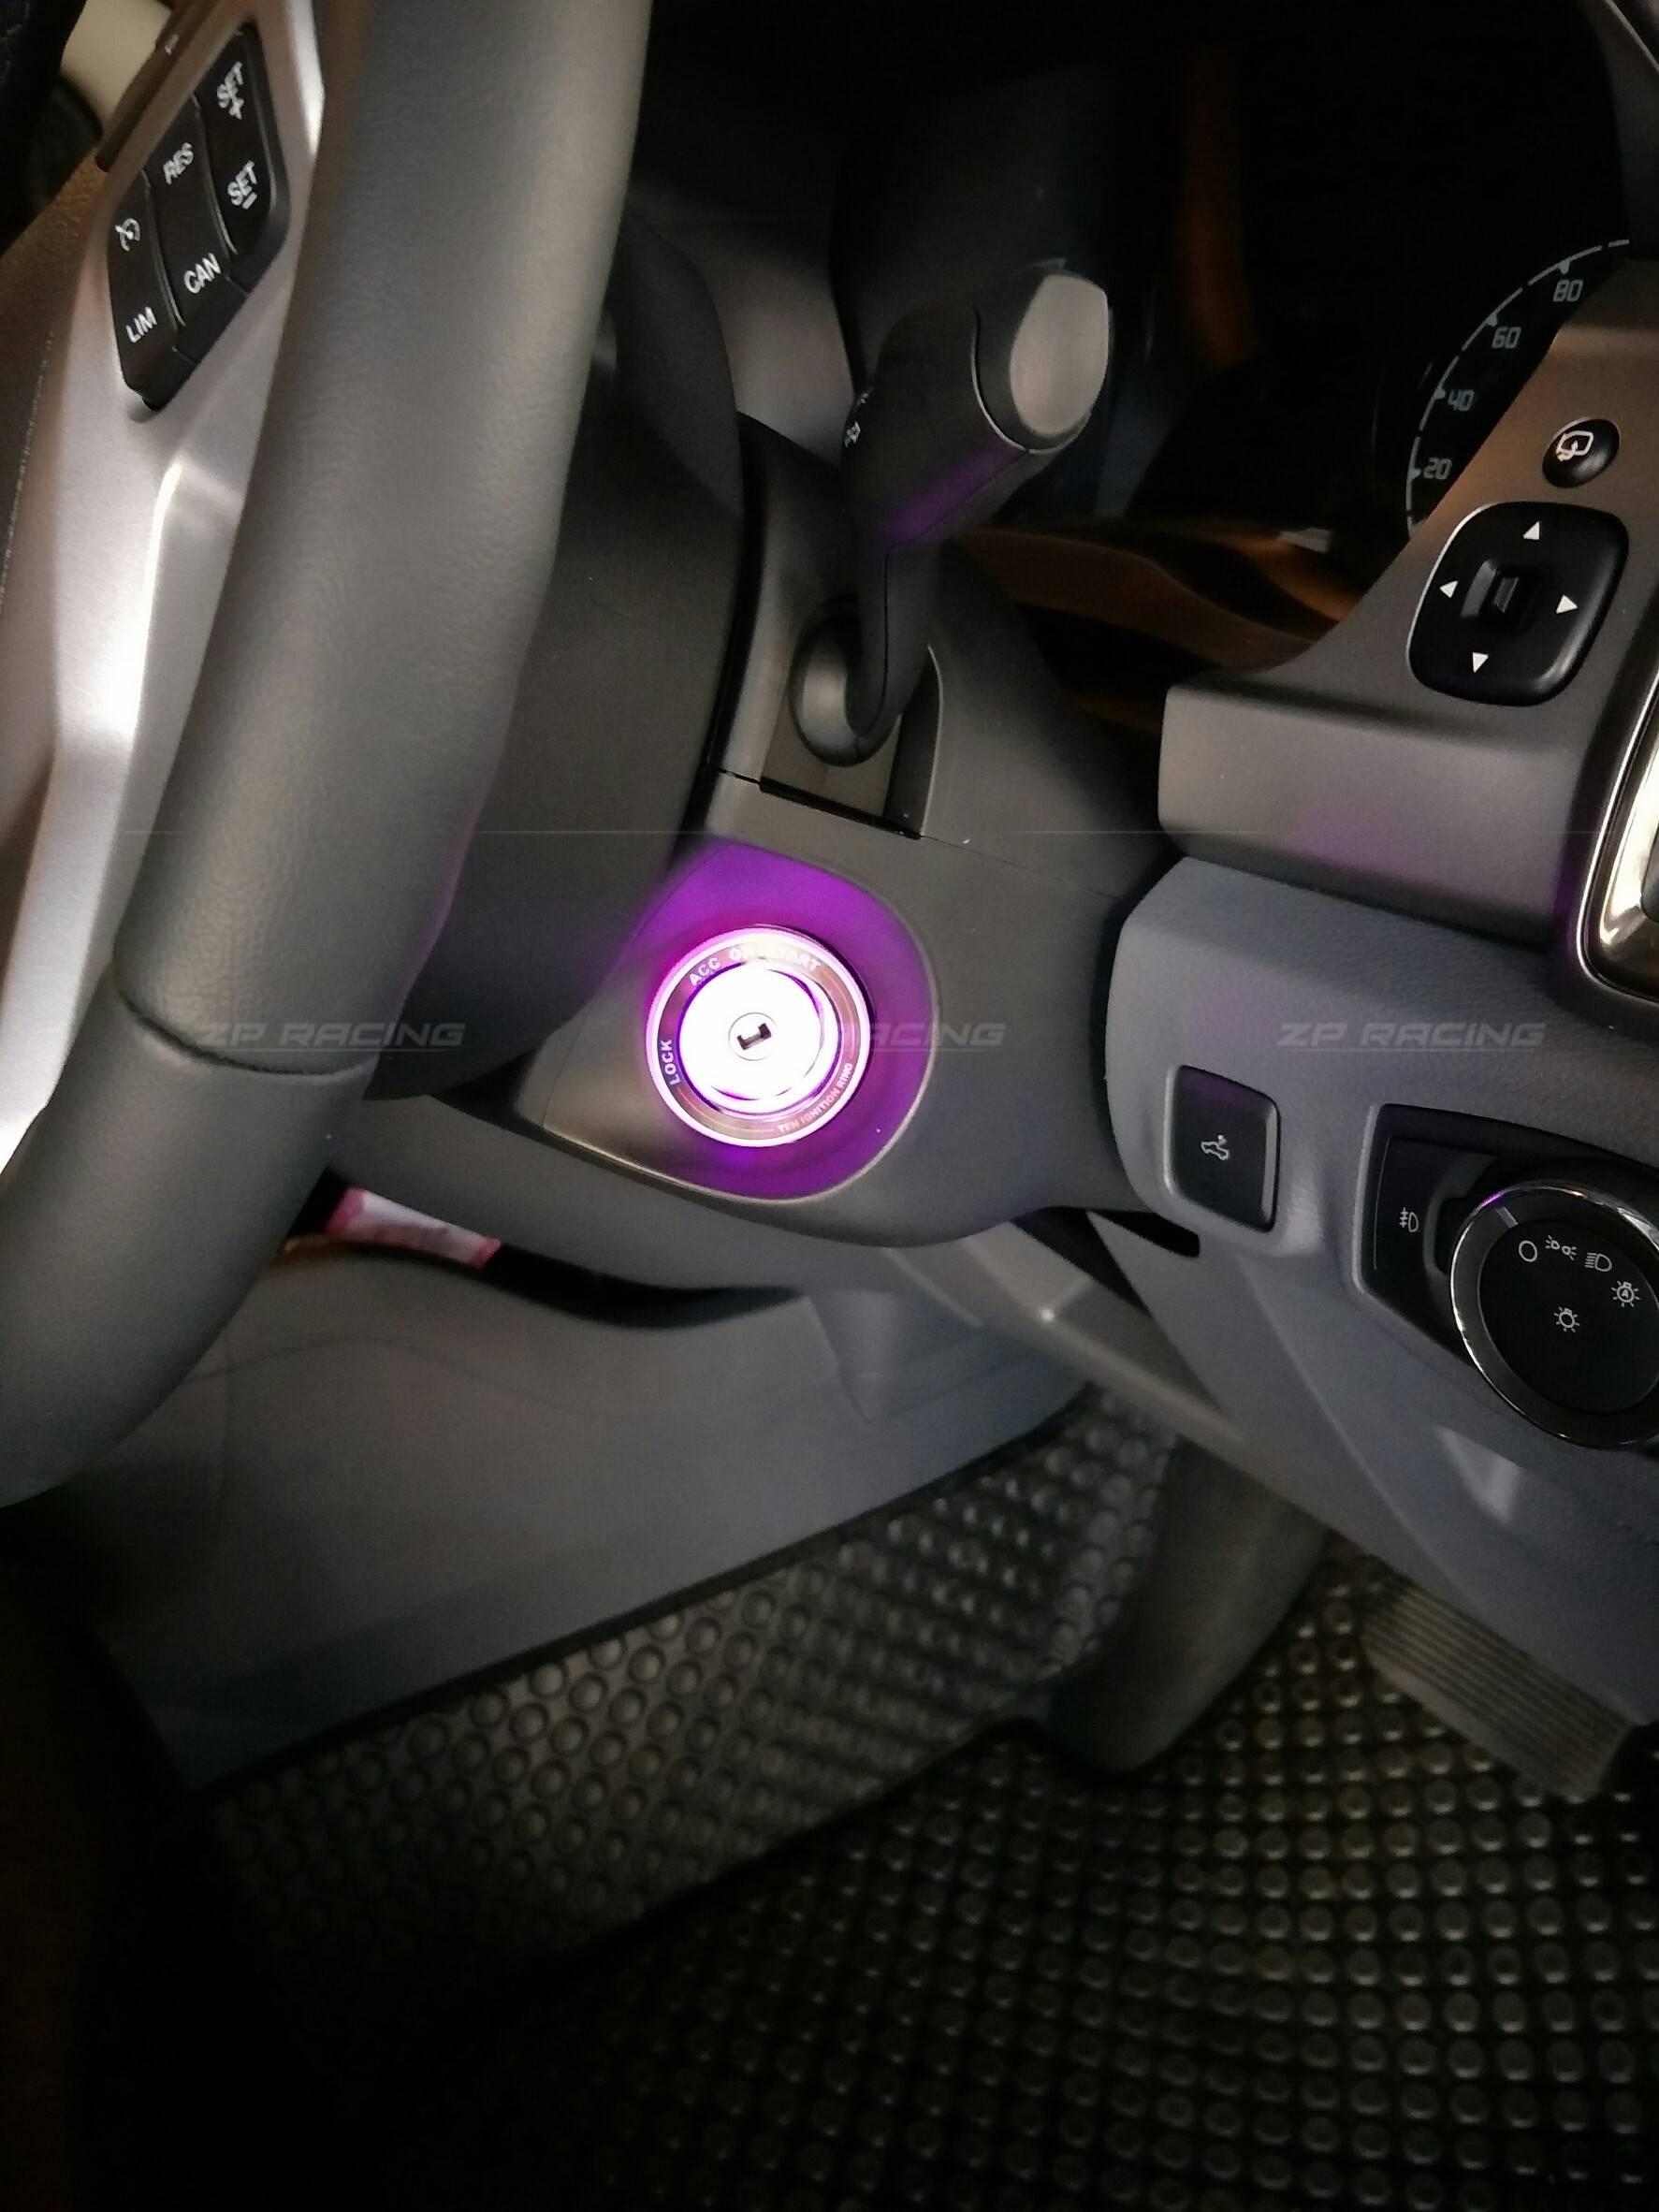 ไฟรูกุญแจสีม่วง